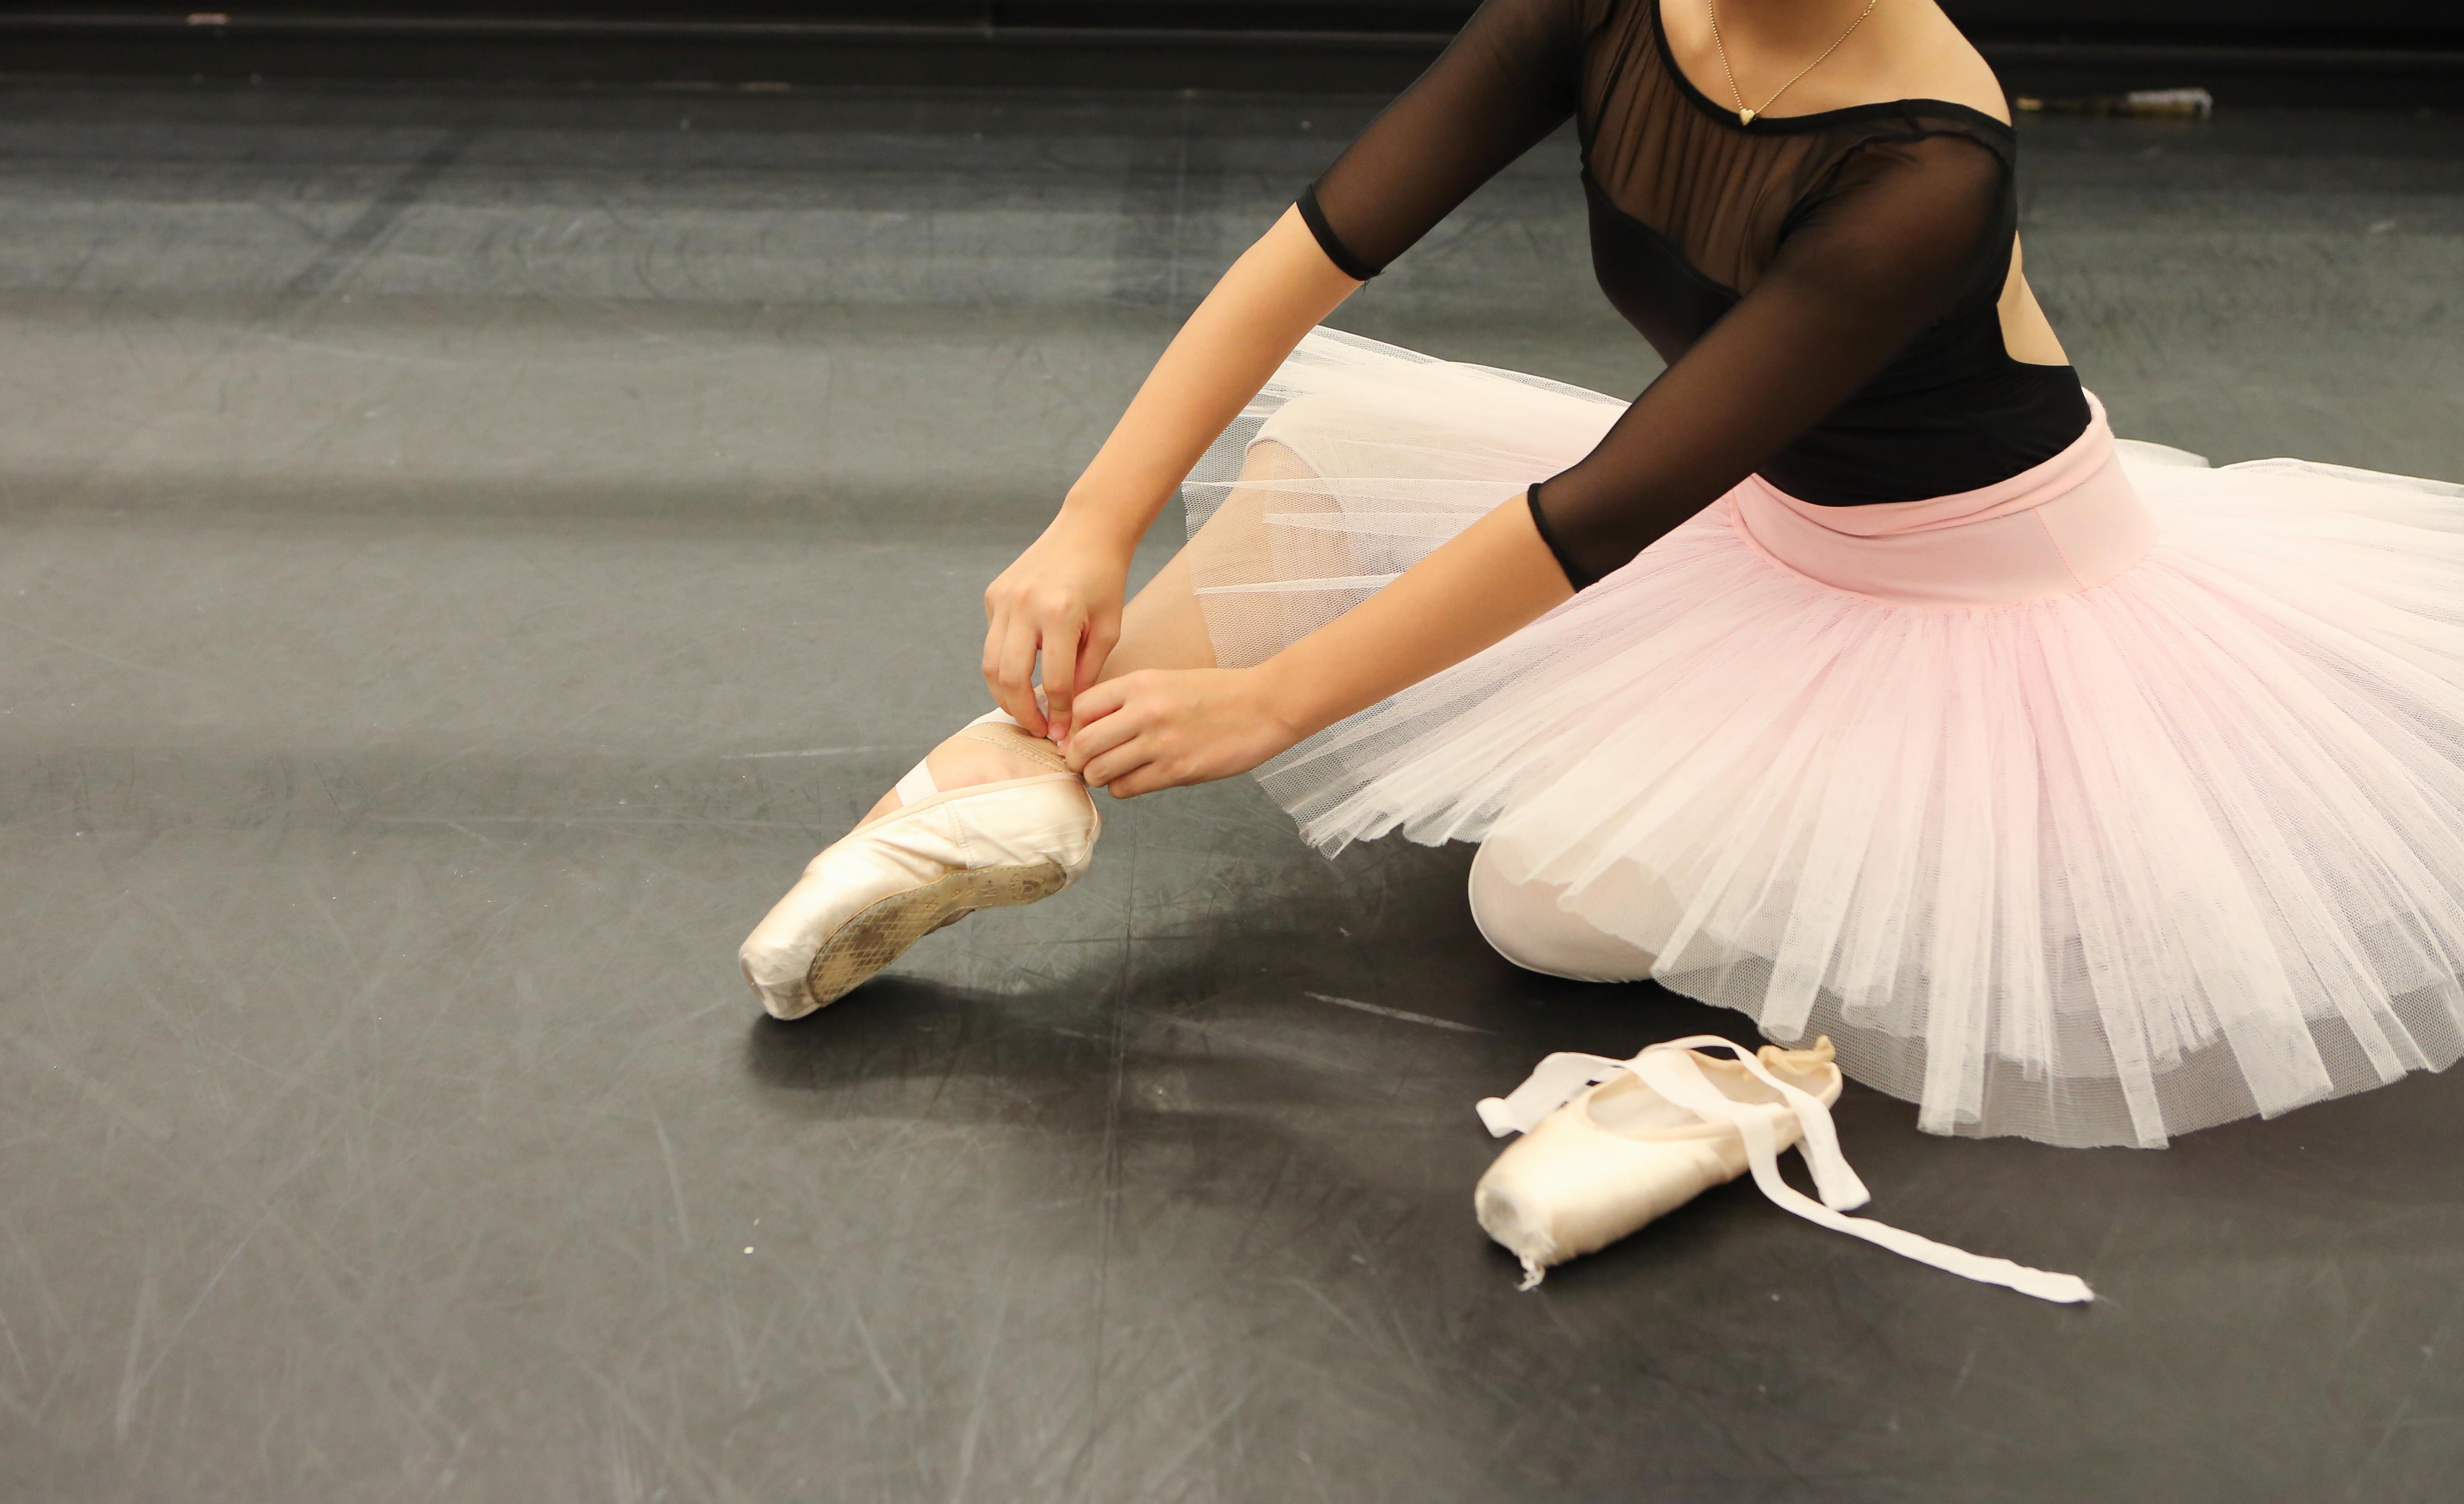 記事「【渋谷・表参道バレエスクールAngel R】バレエのオープンクラスとは?メリット・デメリット教えます」の画像